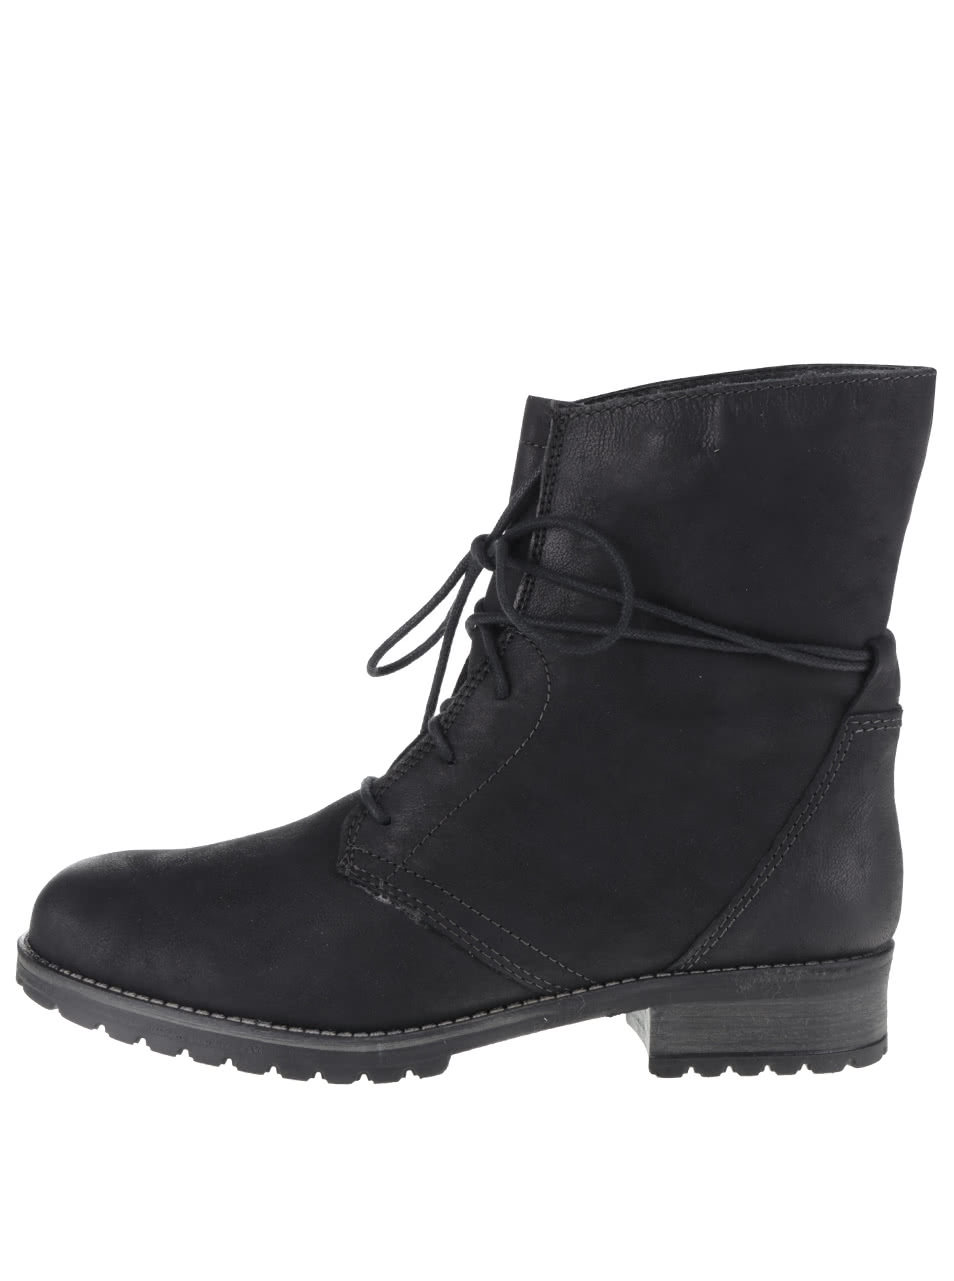 Čierne kožené členkové šnurovacie topánky s umelou kožušinou Tamaris ... d64e7da3803